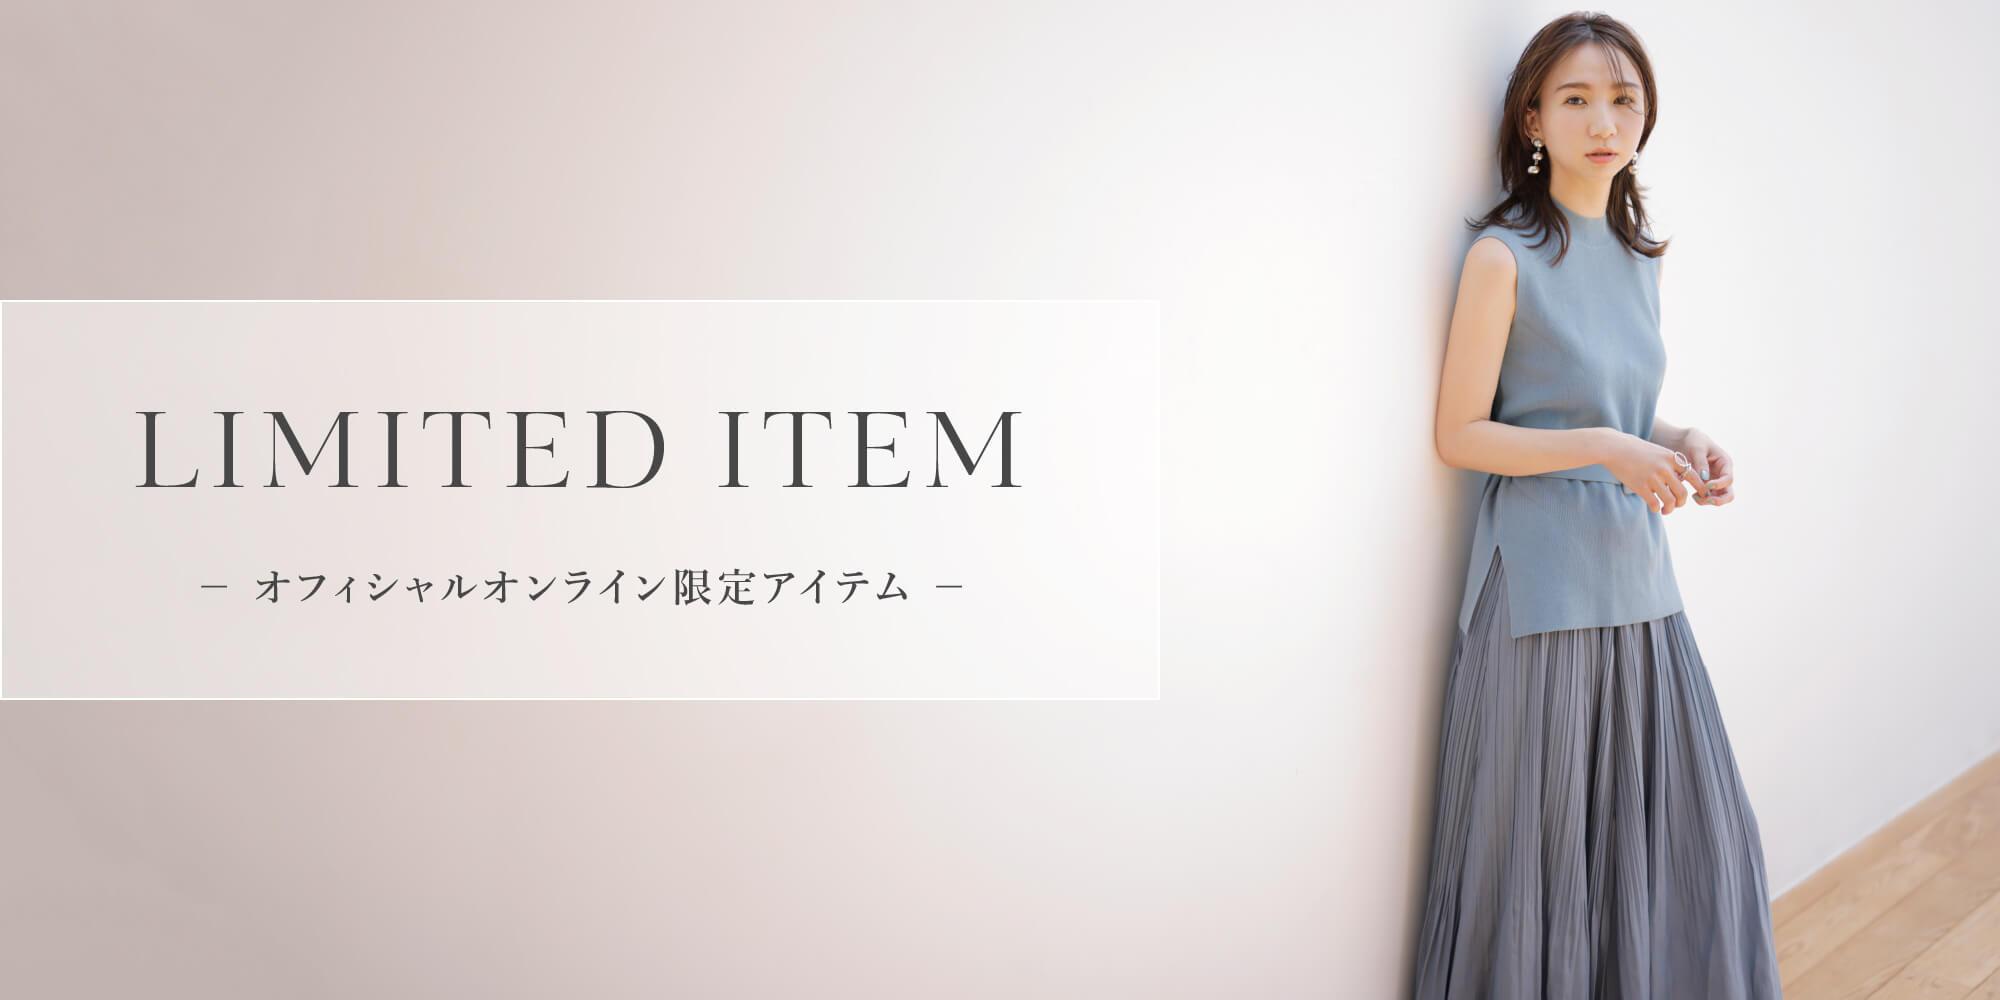 松島花が彩る、「透明感のある色気」Spring masterpiece